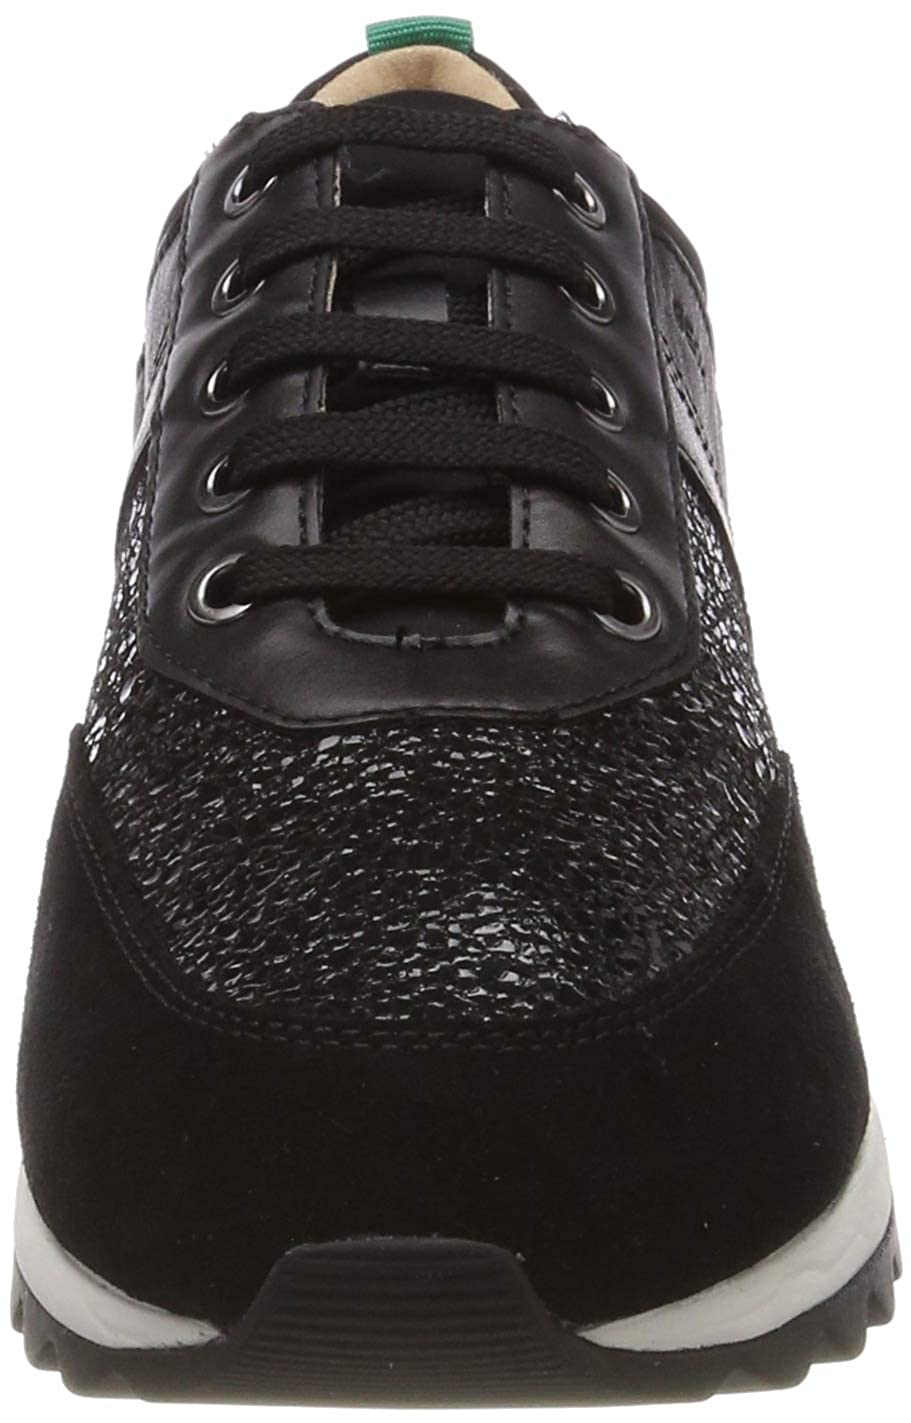 Black C9997 Geox Women/'s D Tabelya B Low-Top Sneakers Black 5 UK